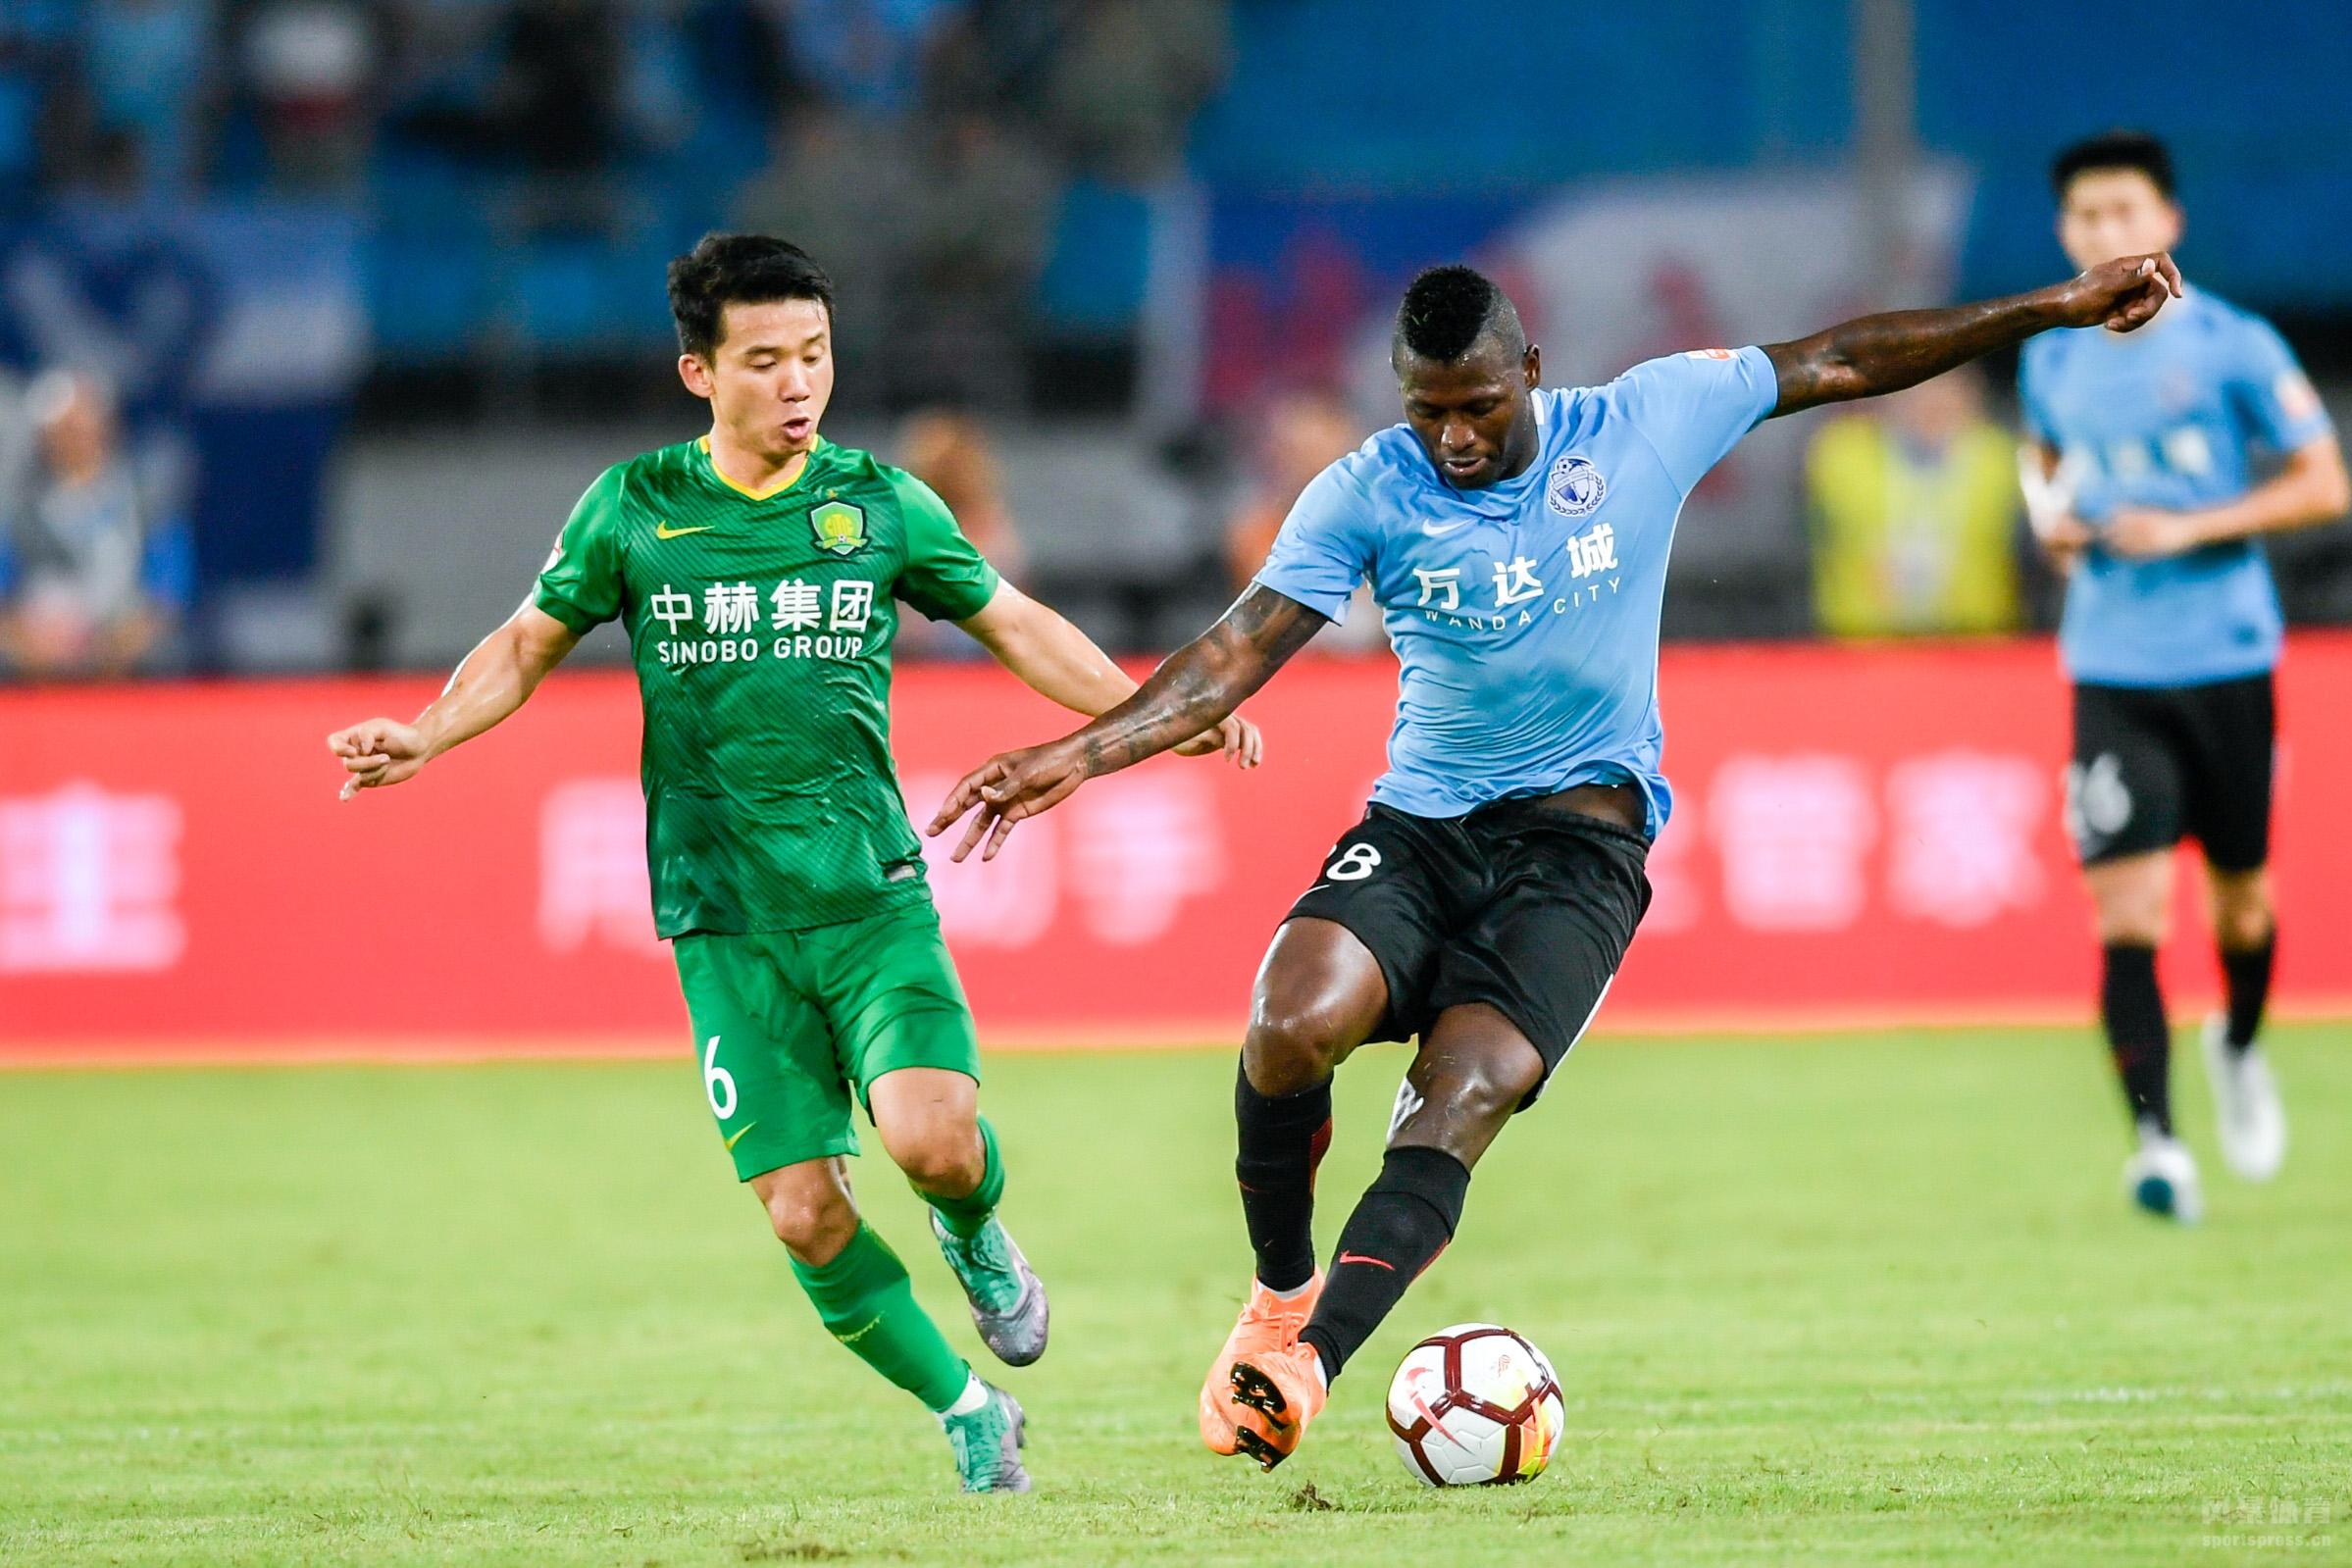 2018赛季中超第18轮在北京工人体育场展开角逐,北京国安坐镇主场迎战大连一方。上半场巴坎布首开纪录,奥古斯托造两球,卡拉斯科造乌龙。下半场朴成和奥古斯托破门,崔明安扳回一城,巴坎布扩大比分。最终北京国安主场5-2战胜大连一方,国安取得两连胜。